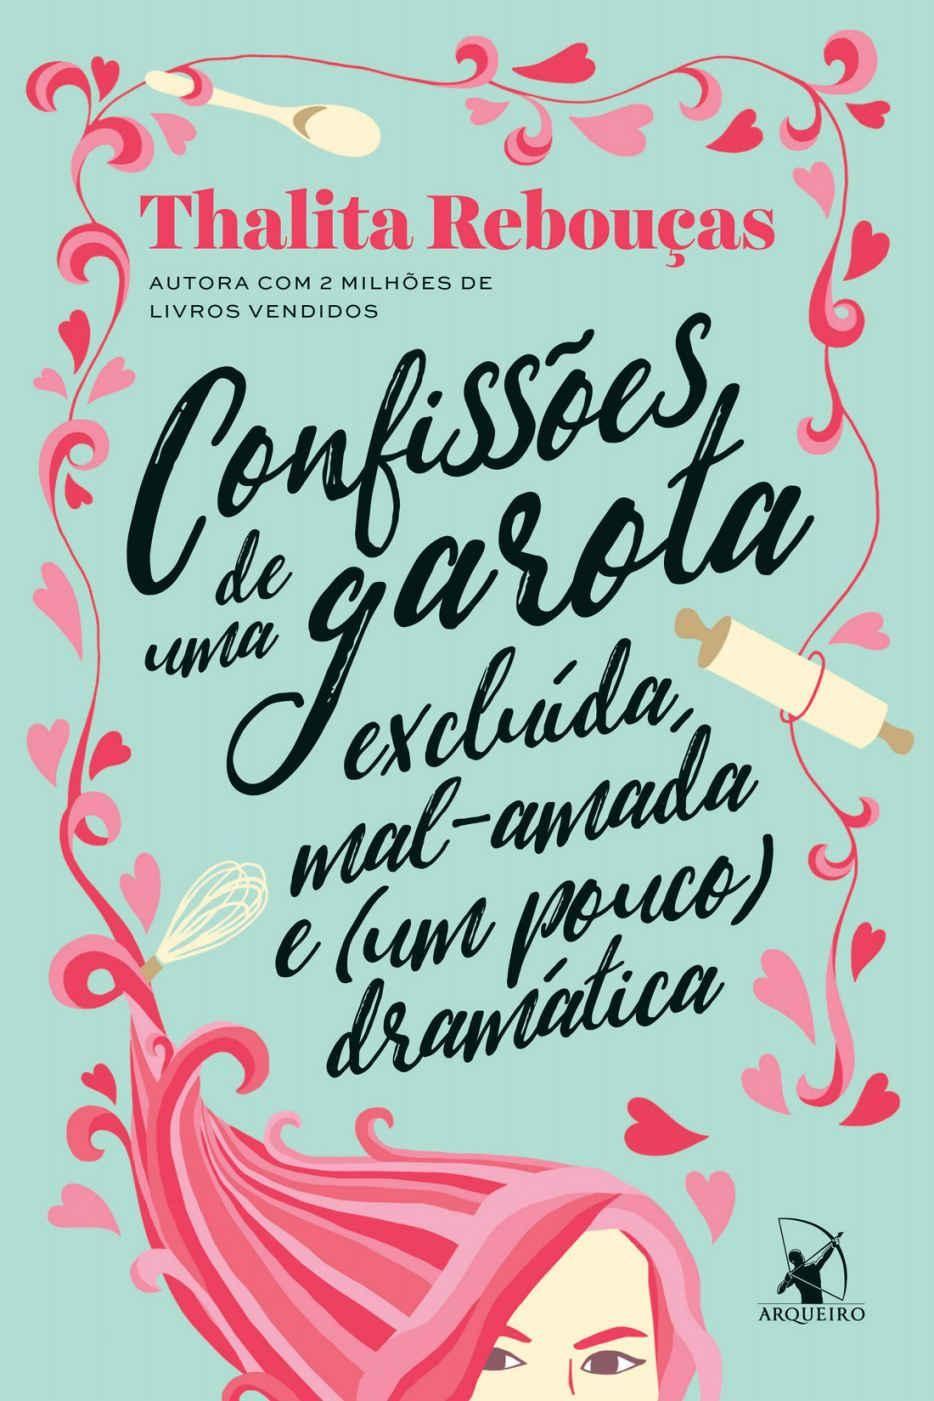 Baixar Livro Confissoes de Uma Garota Excluida - Thalita Reboucas em PDF, ePub e Mobi ou ler online